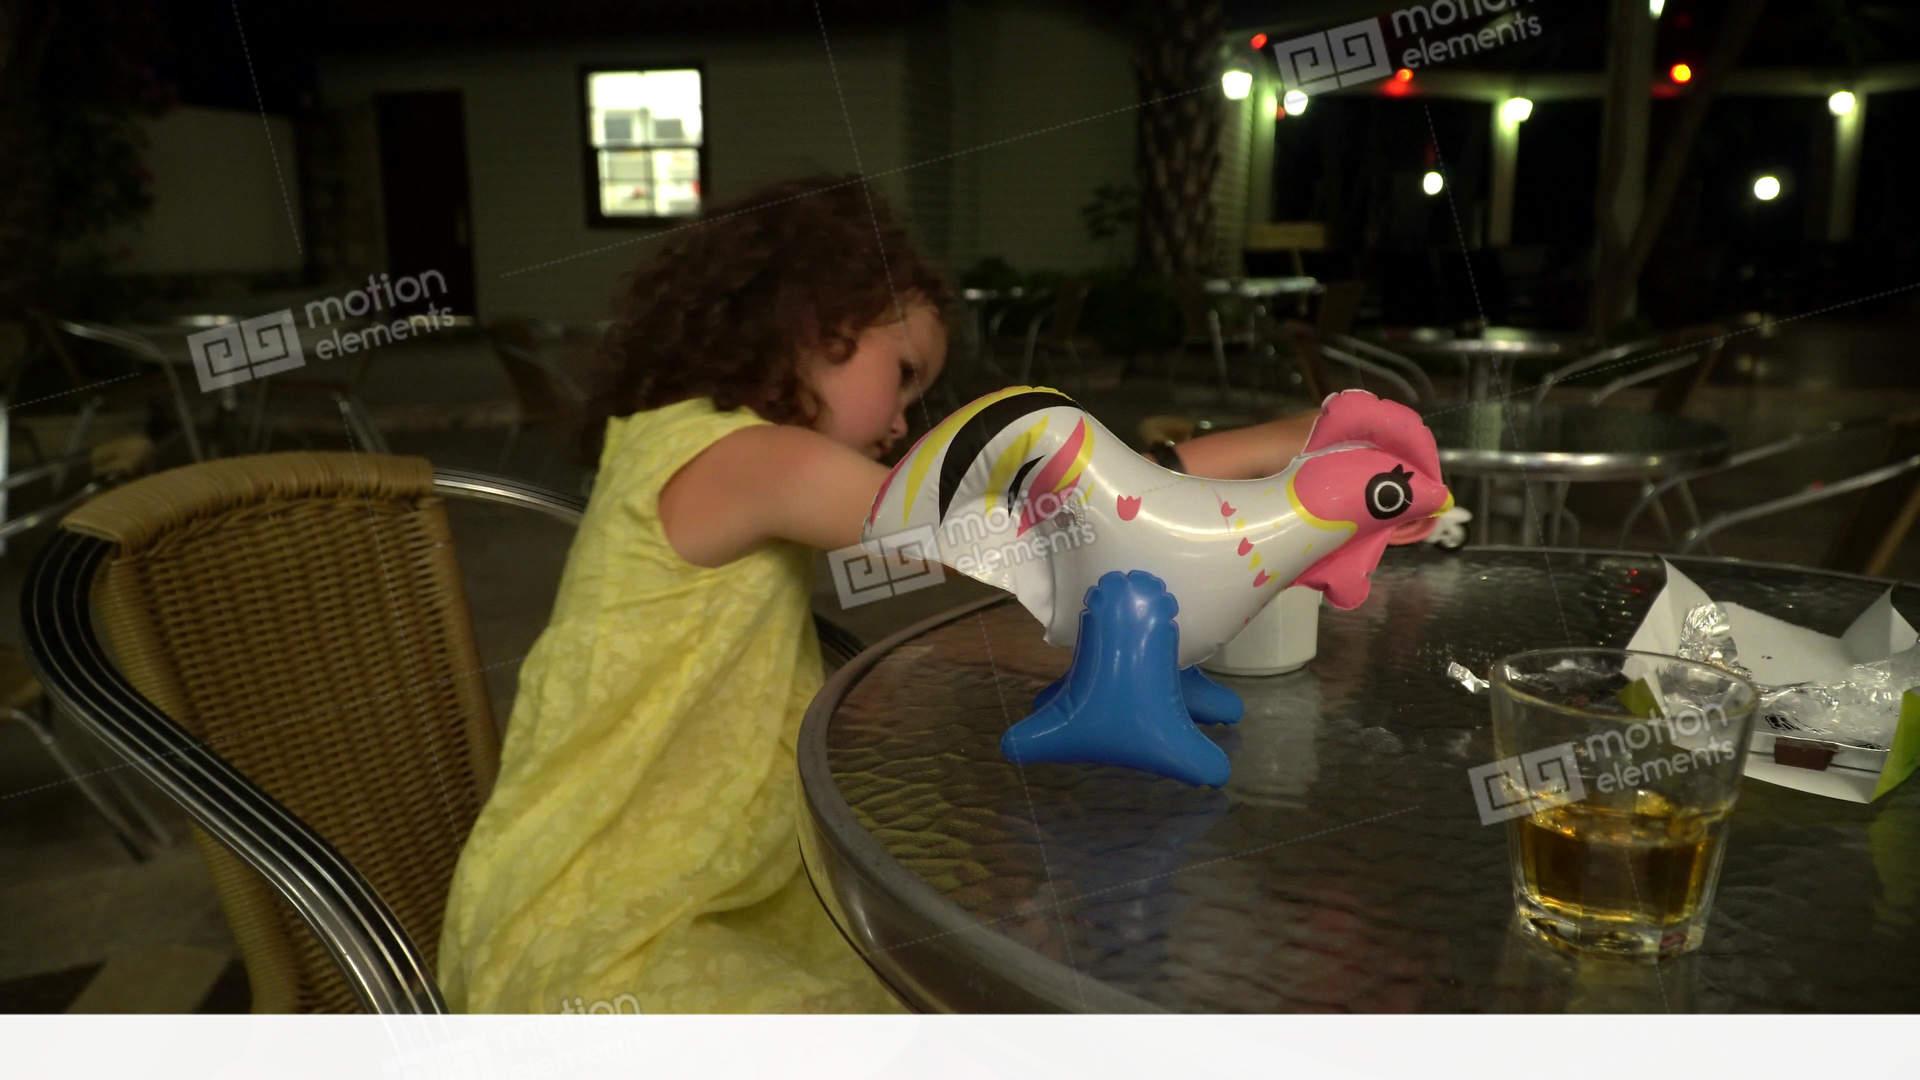 little girls movie night